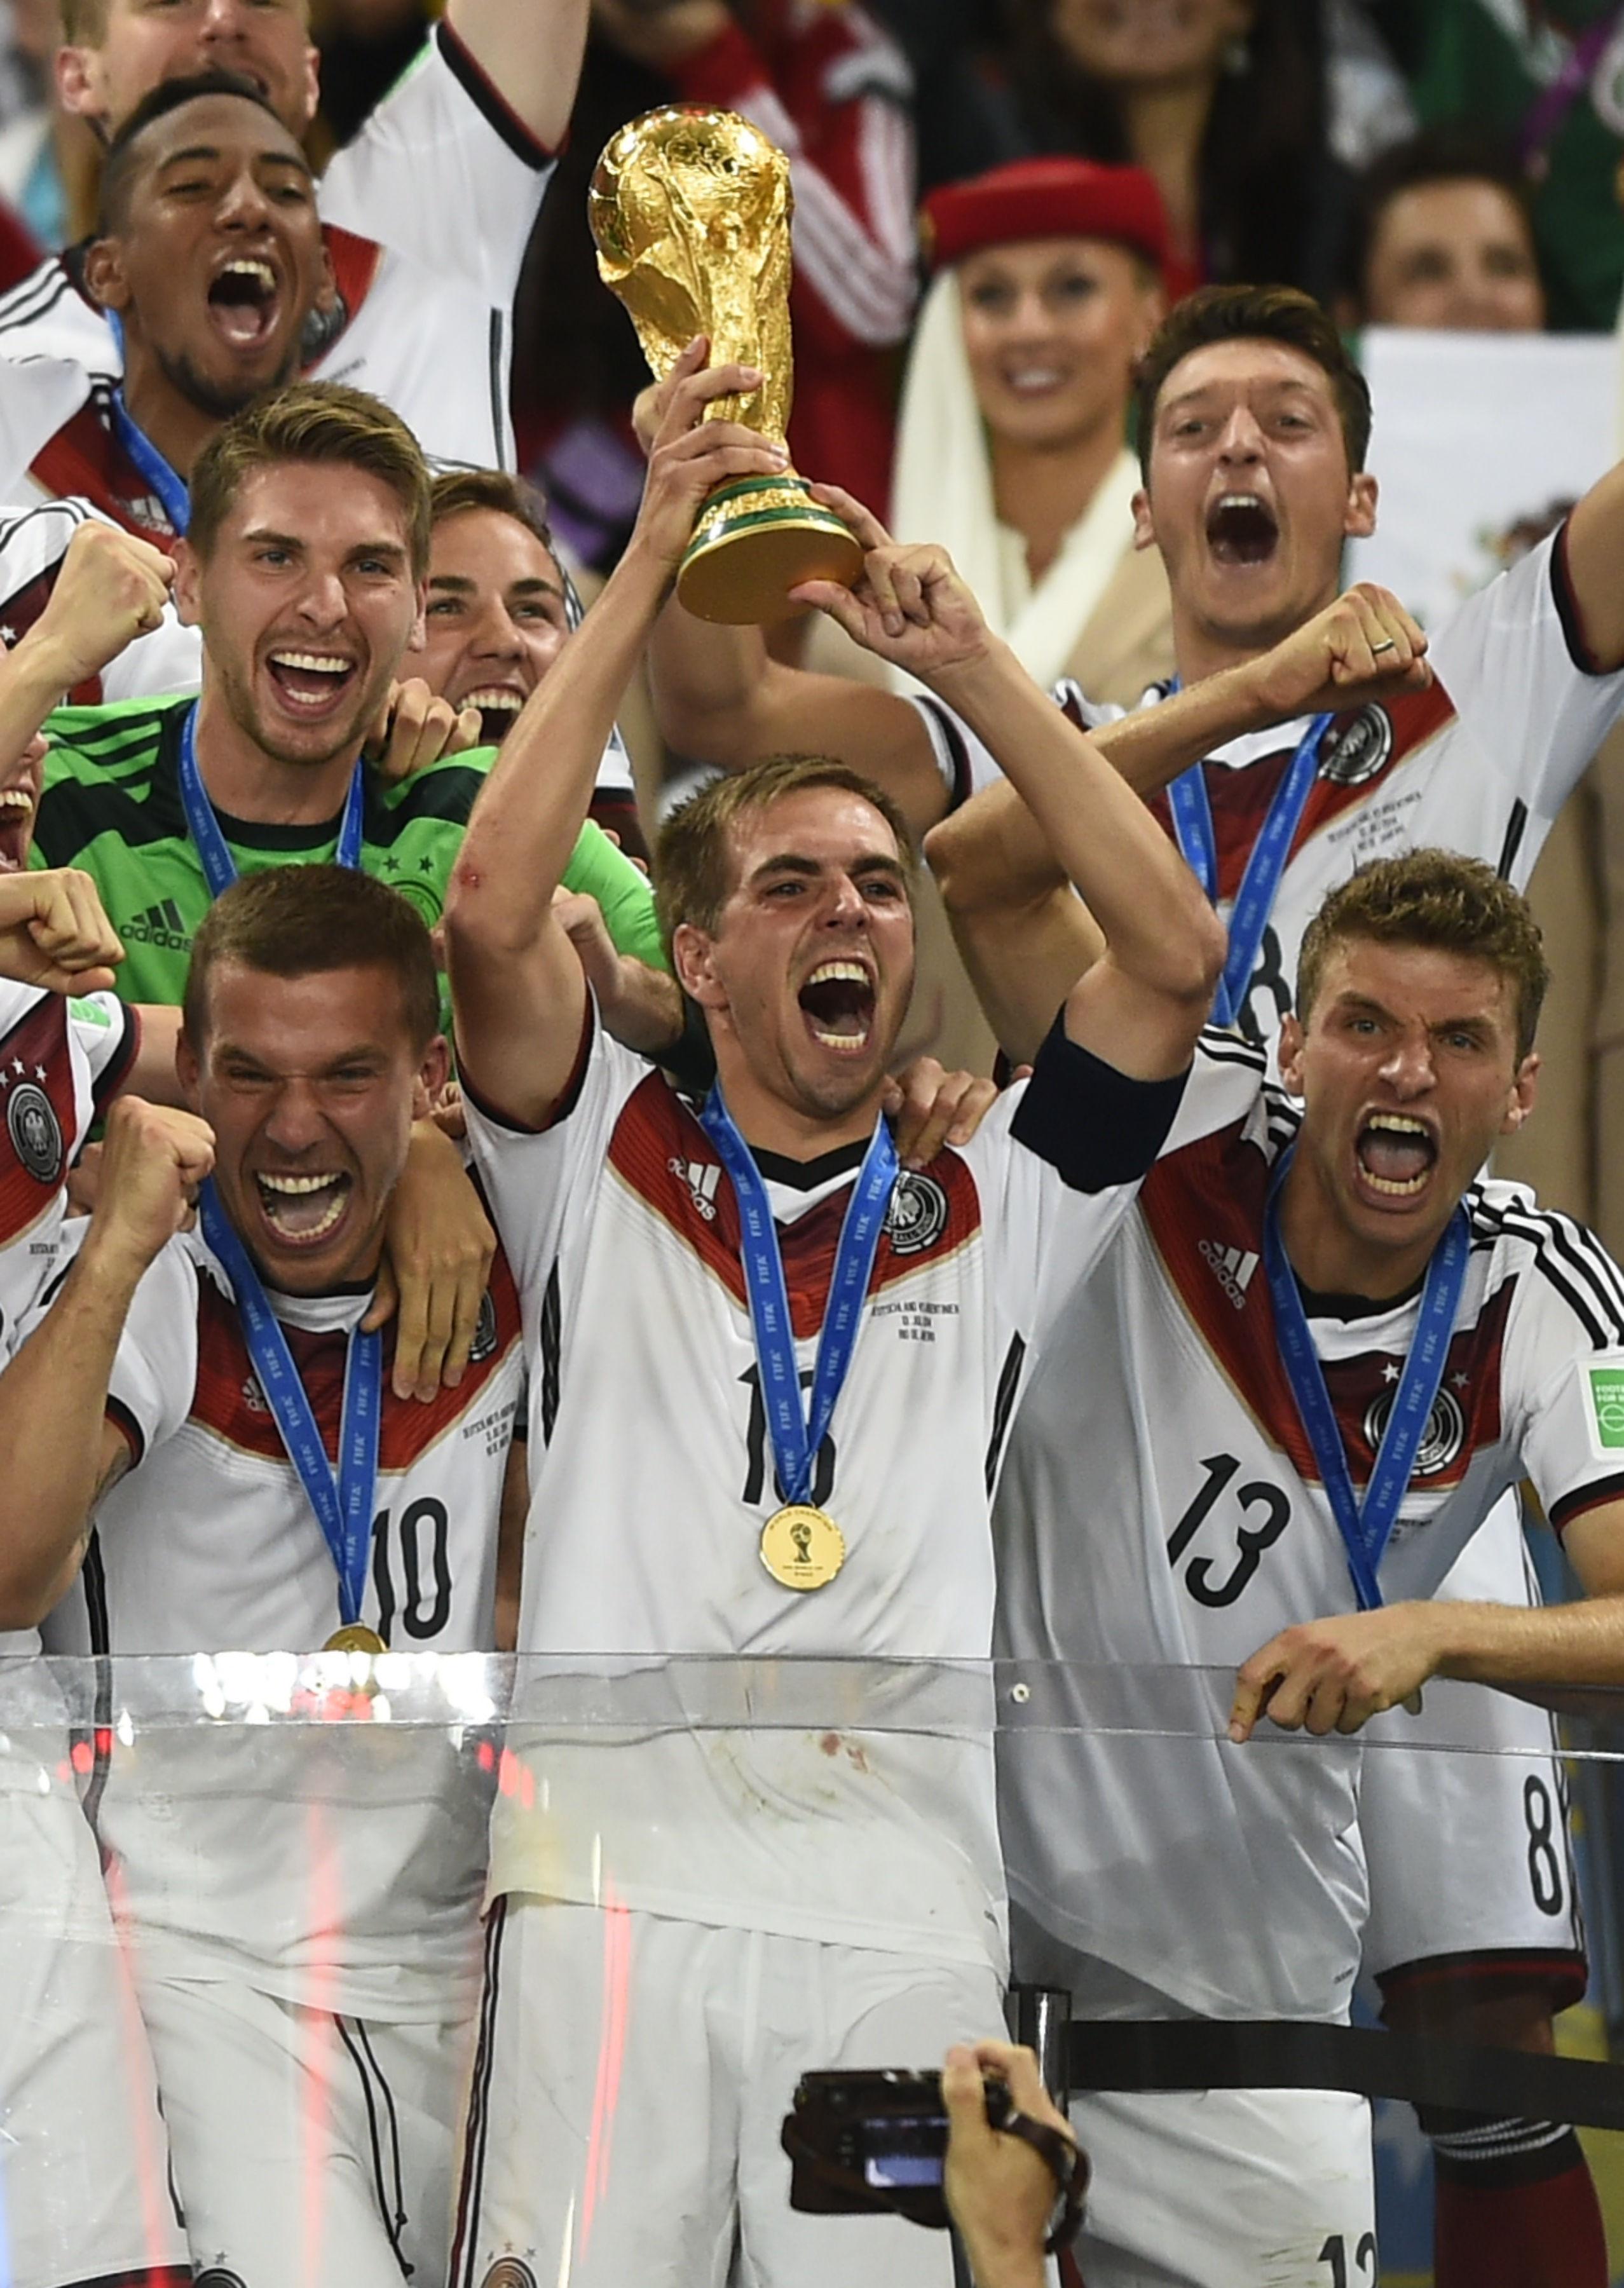 los campeones de los mundiales: